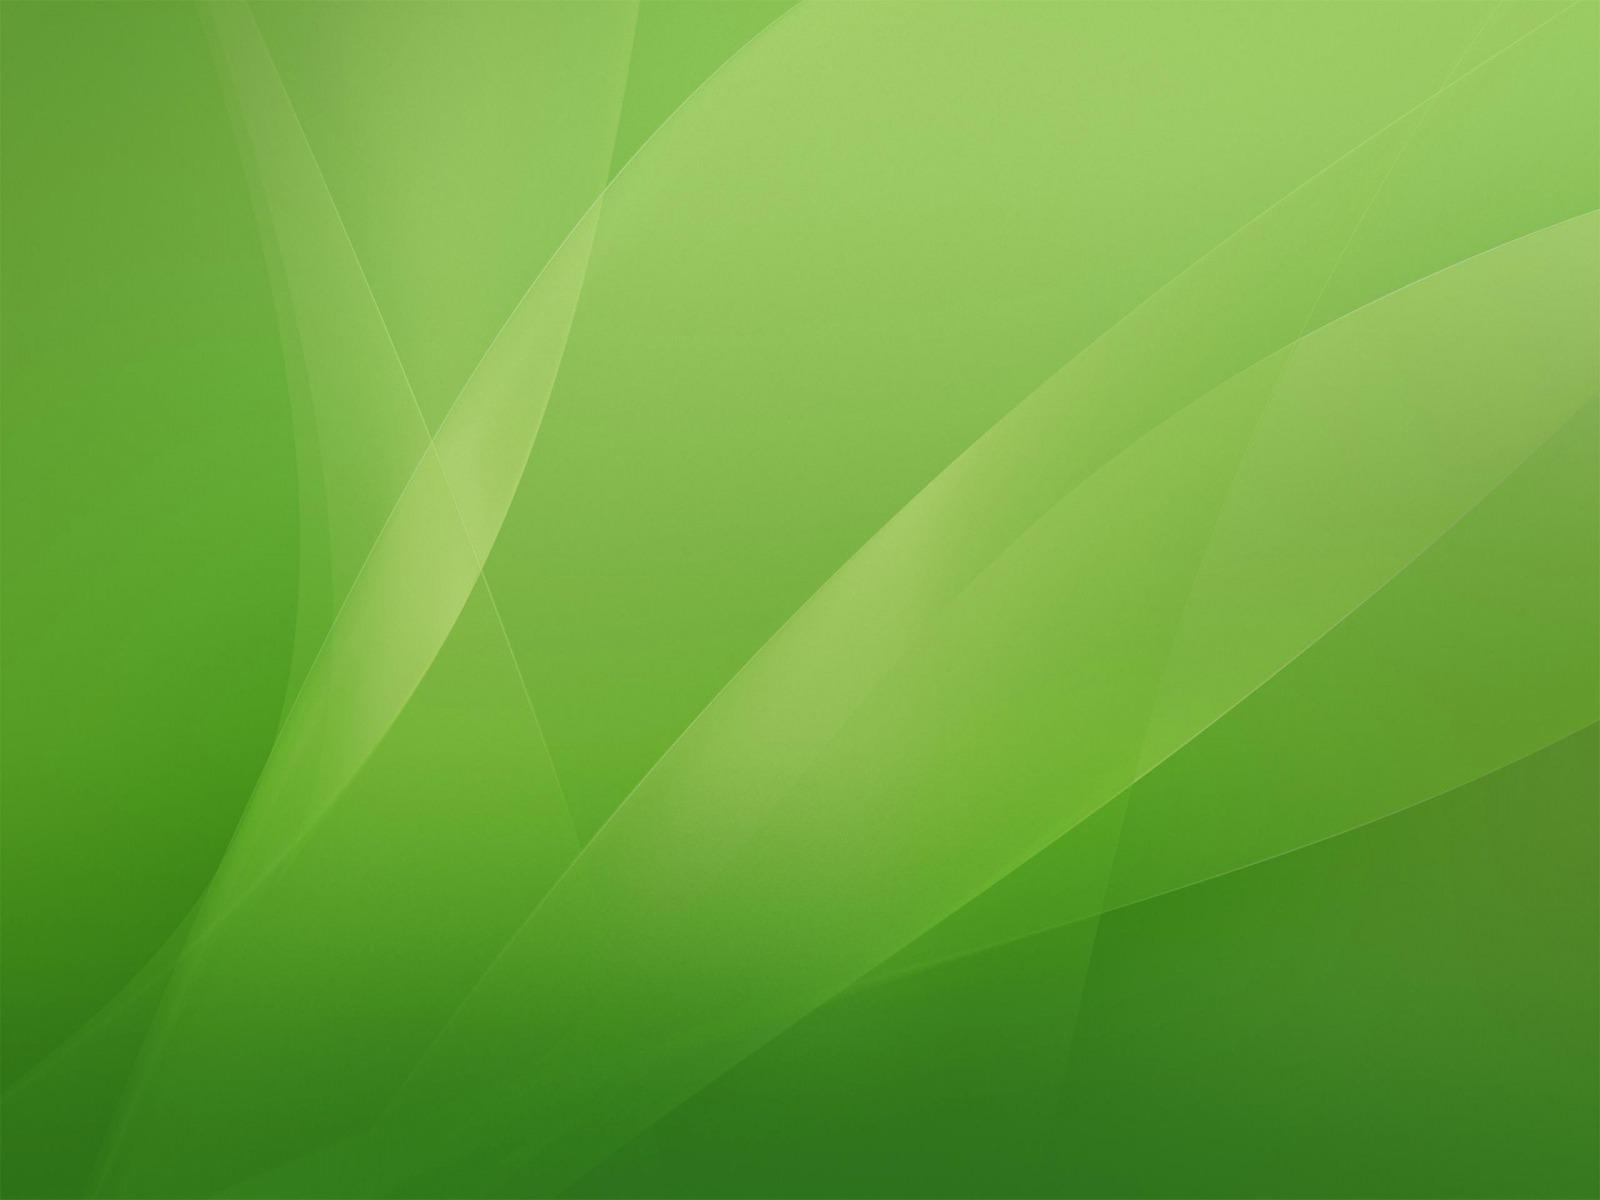 desktop green wallpapers green wallpaper green background hd 14jpg 1600x1200